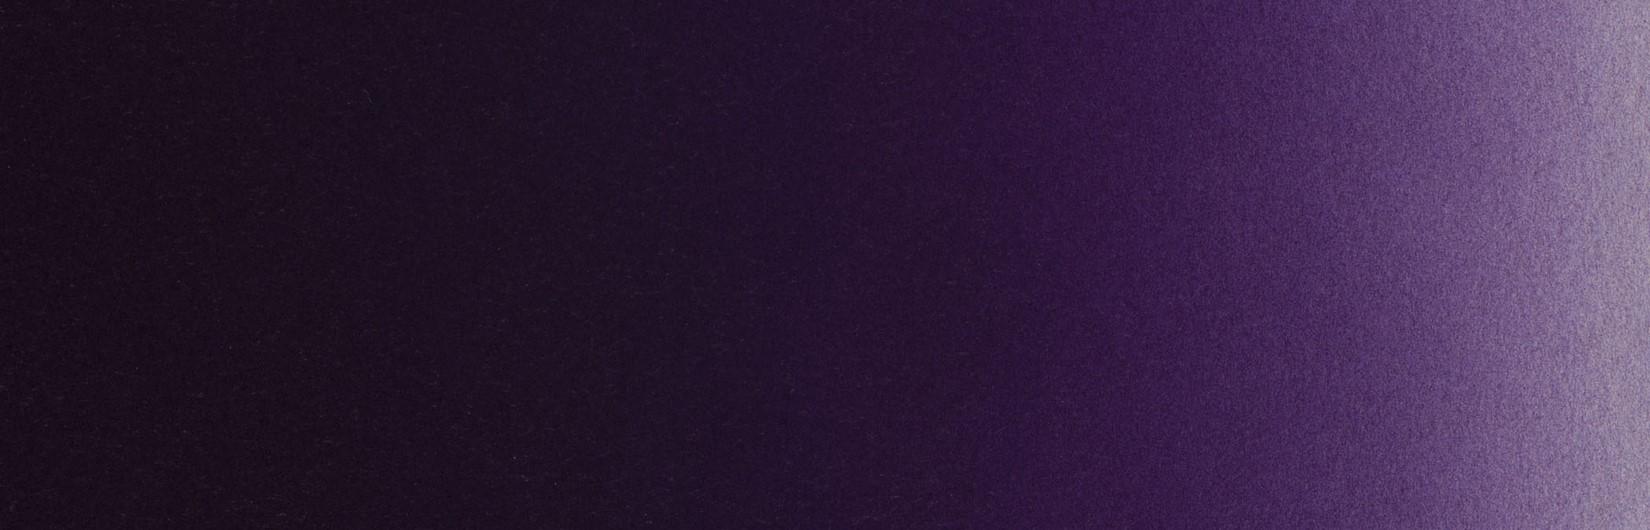 5041 Bascular Violet